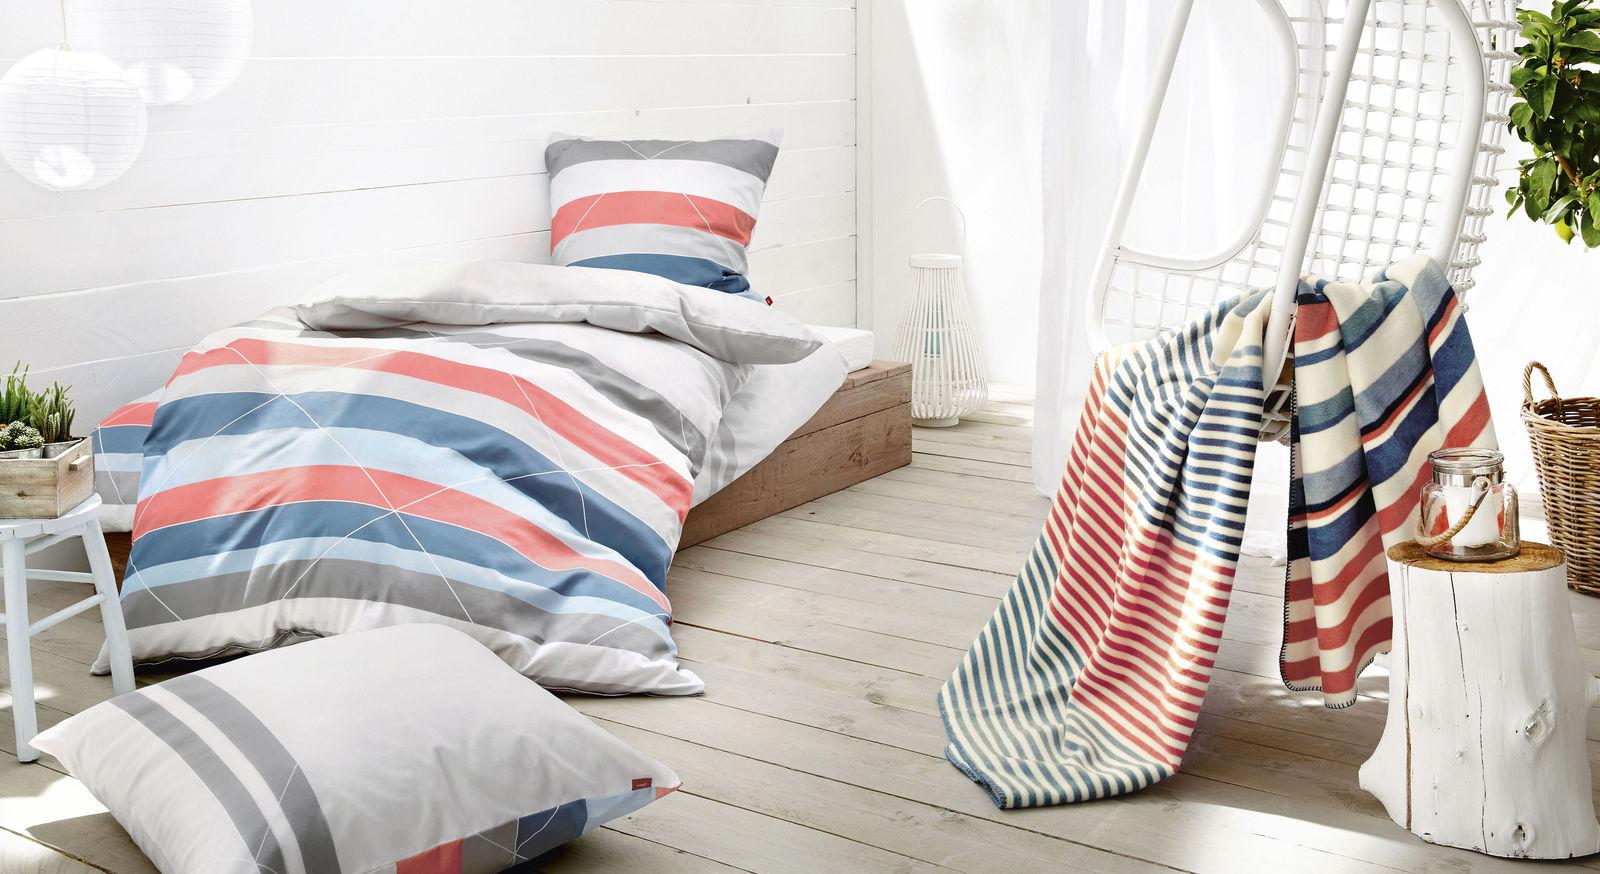 Kuscheldecke und Bettwäsche von s.Oliver Streifen weiß-blau mit passenden Produkten